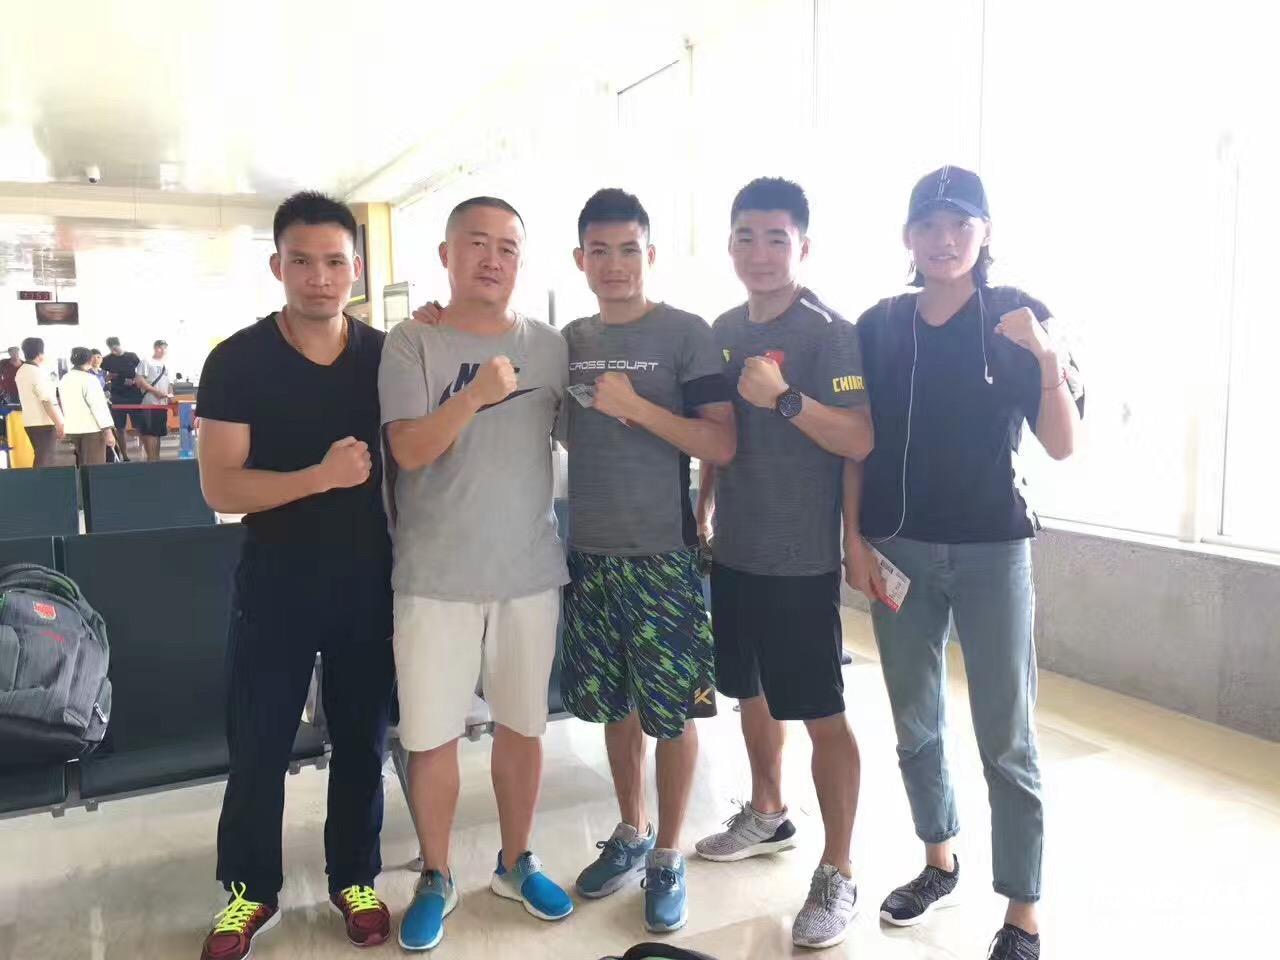 第十三届全运会拳击项目决赛今日开打 海南4名拳手出战